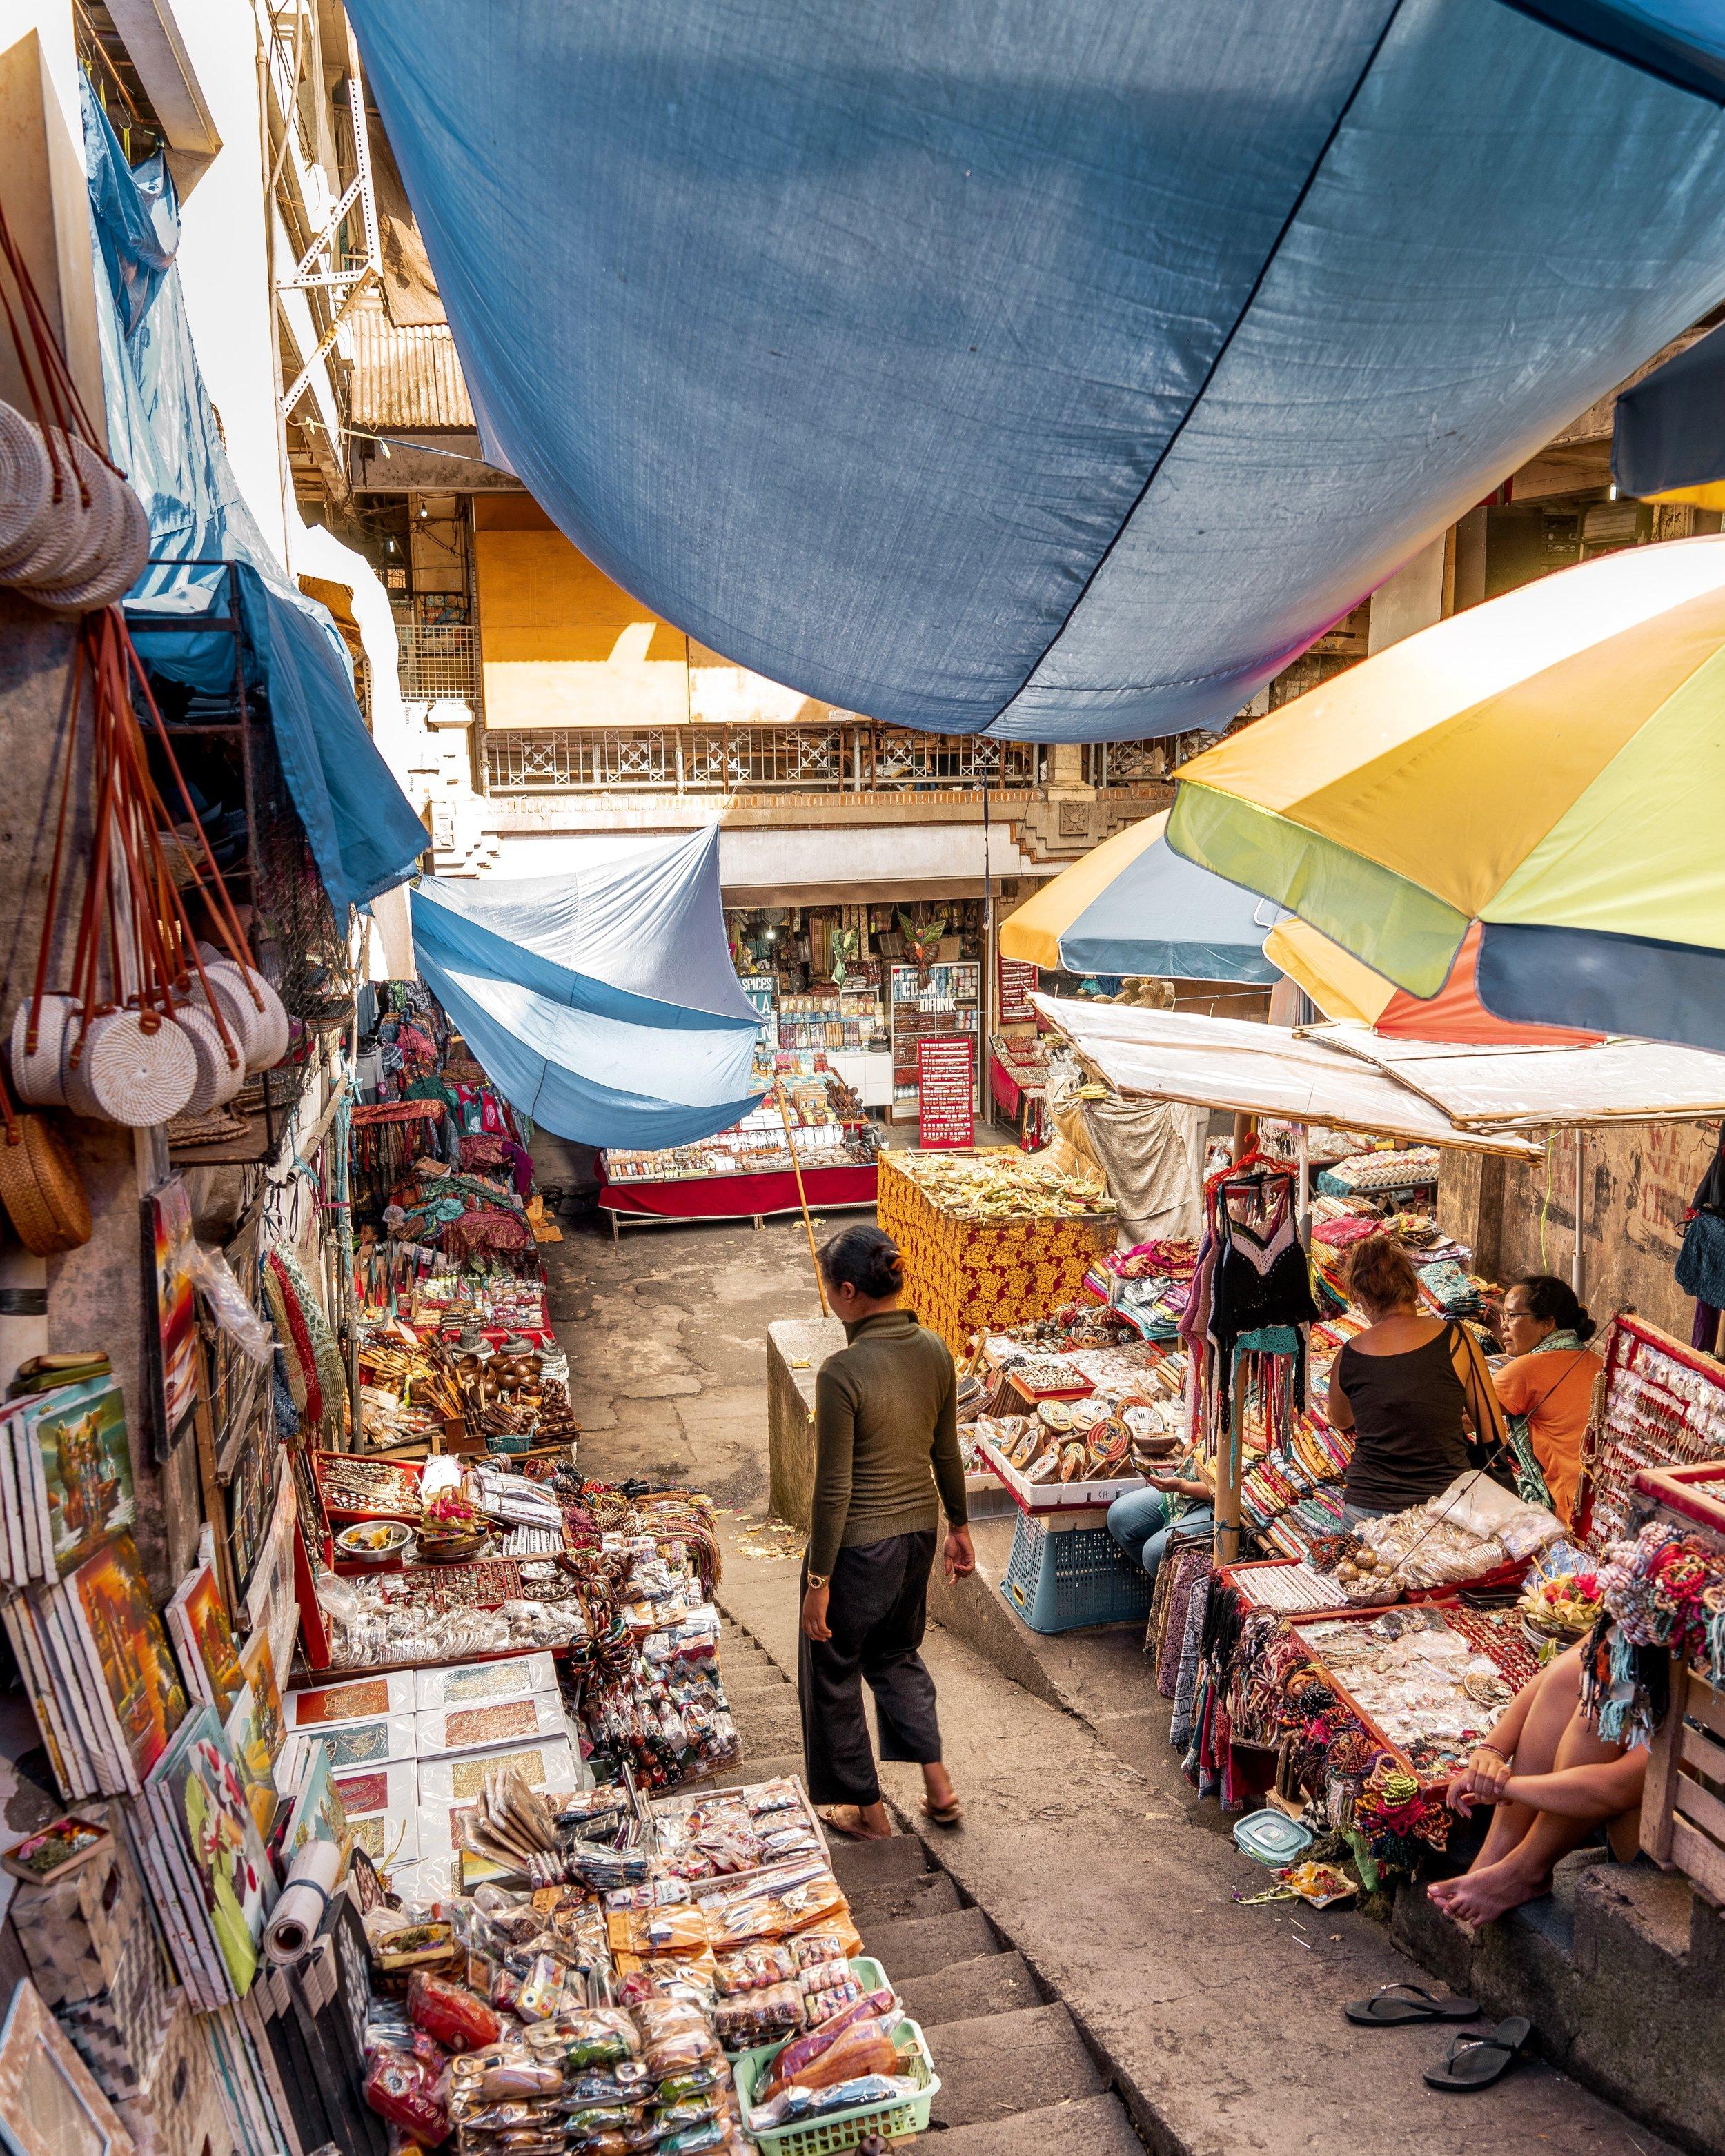 Ubud Market, Bali, Indonesia - Ellie Dyduch